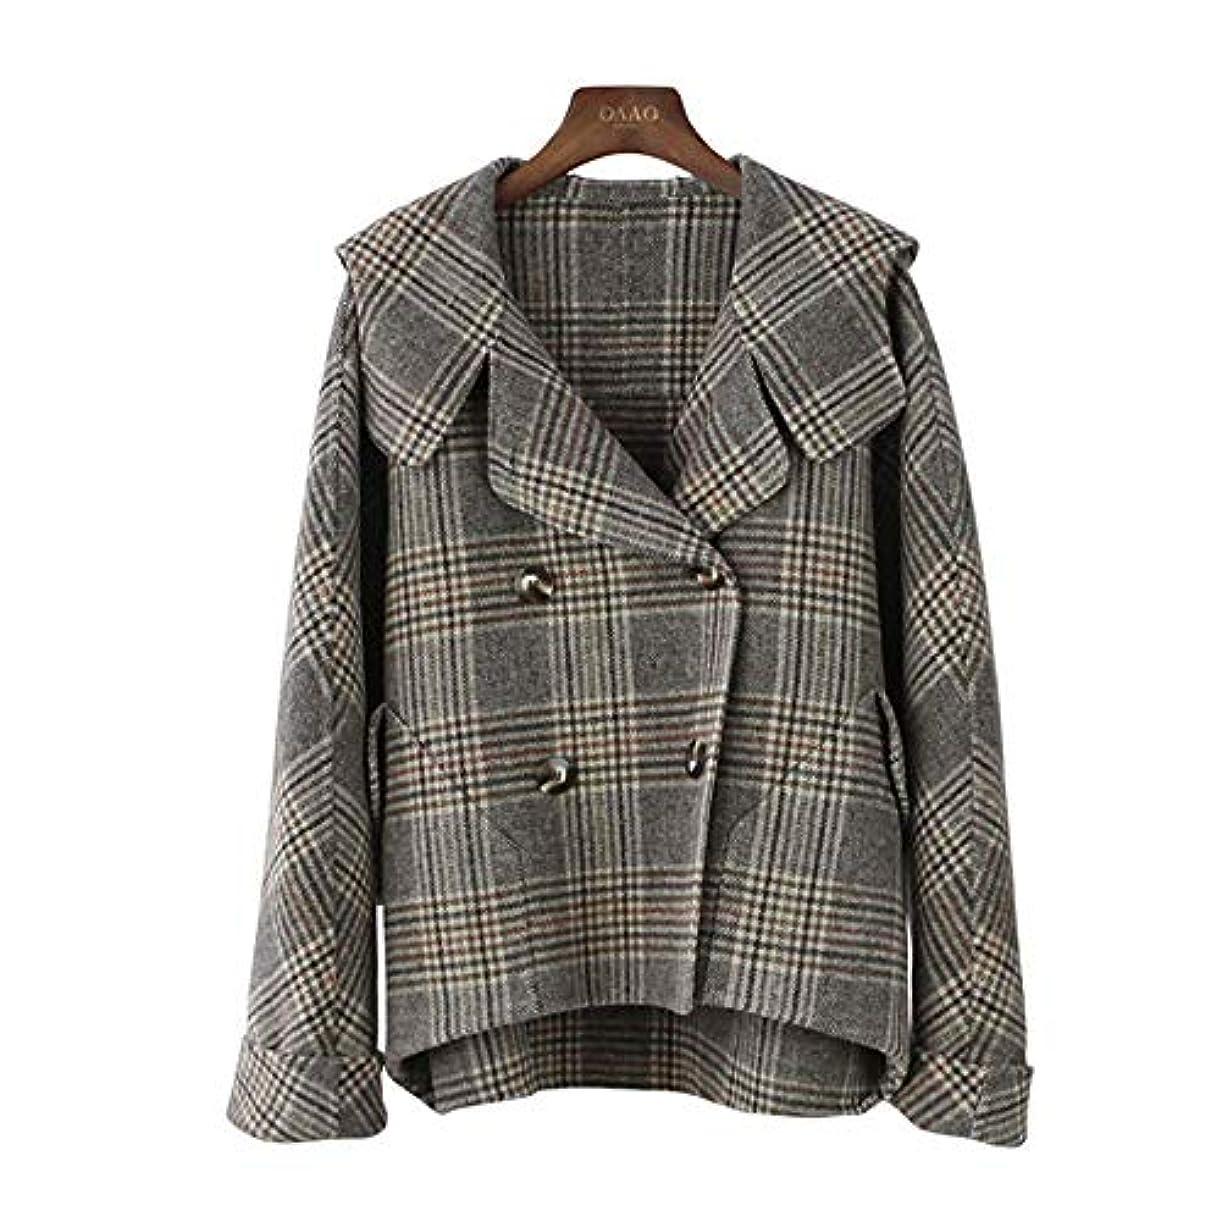 証書到着後世カシミヤのコート、秋と冬の新しいコート両面ウールのコートのフード付きのバットスリーブチェック柄コートウールコート,M